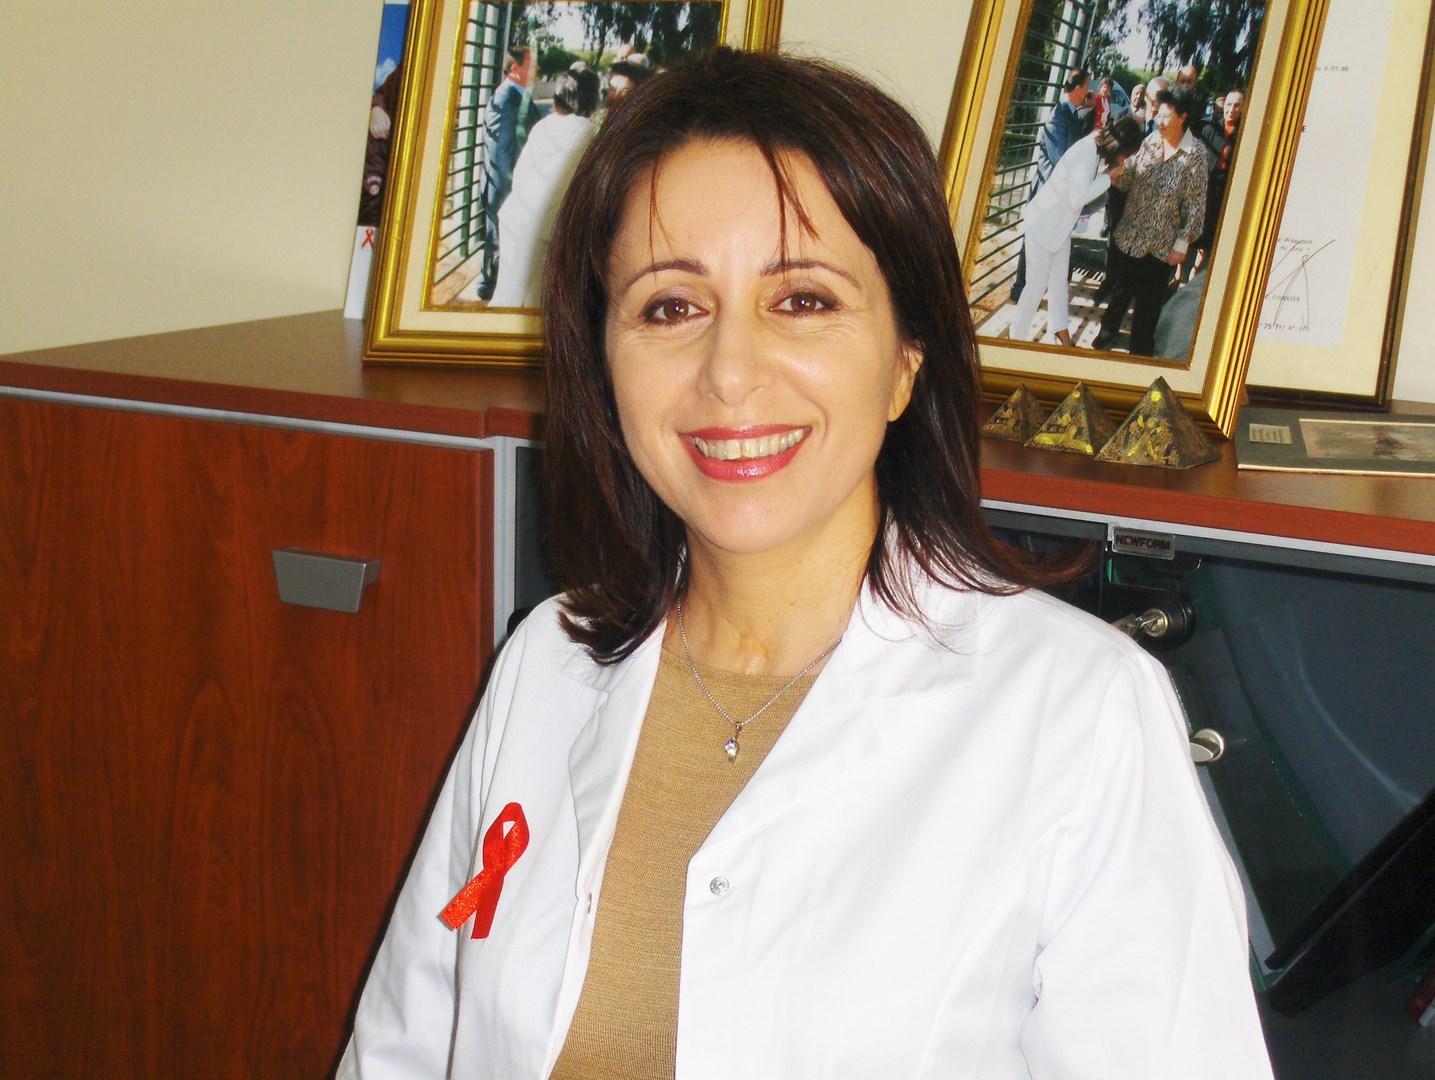 Dr Bezad Nadia Présidente OPALS Maroc Vice  Présidente OPALS Afrique